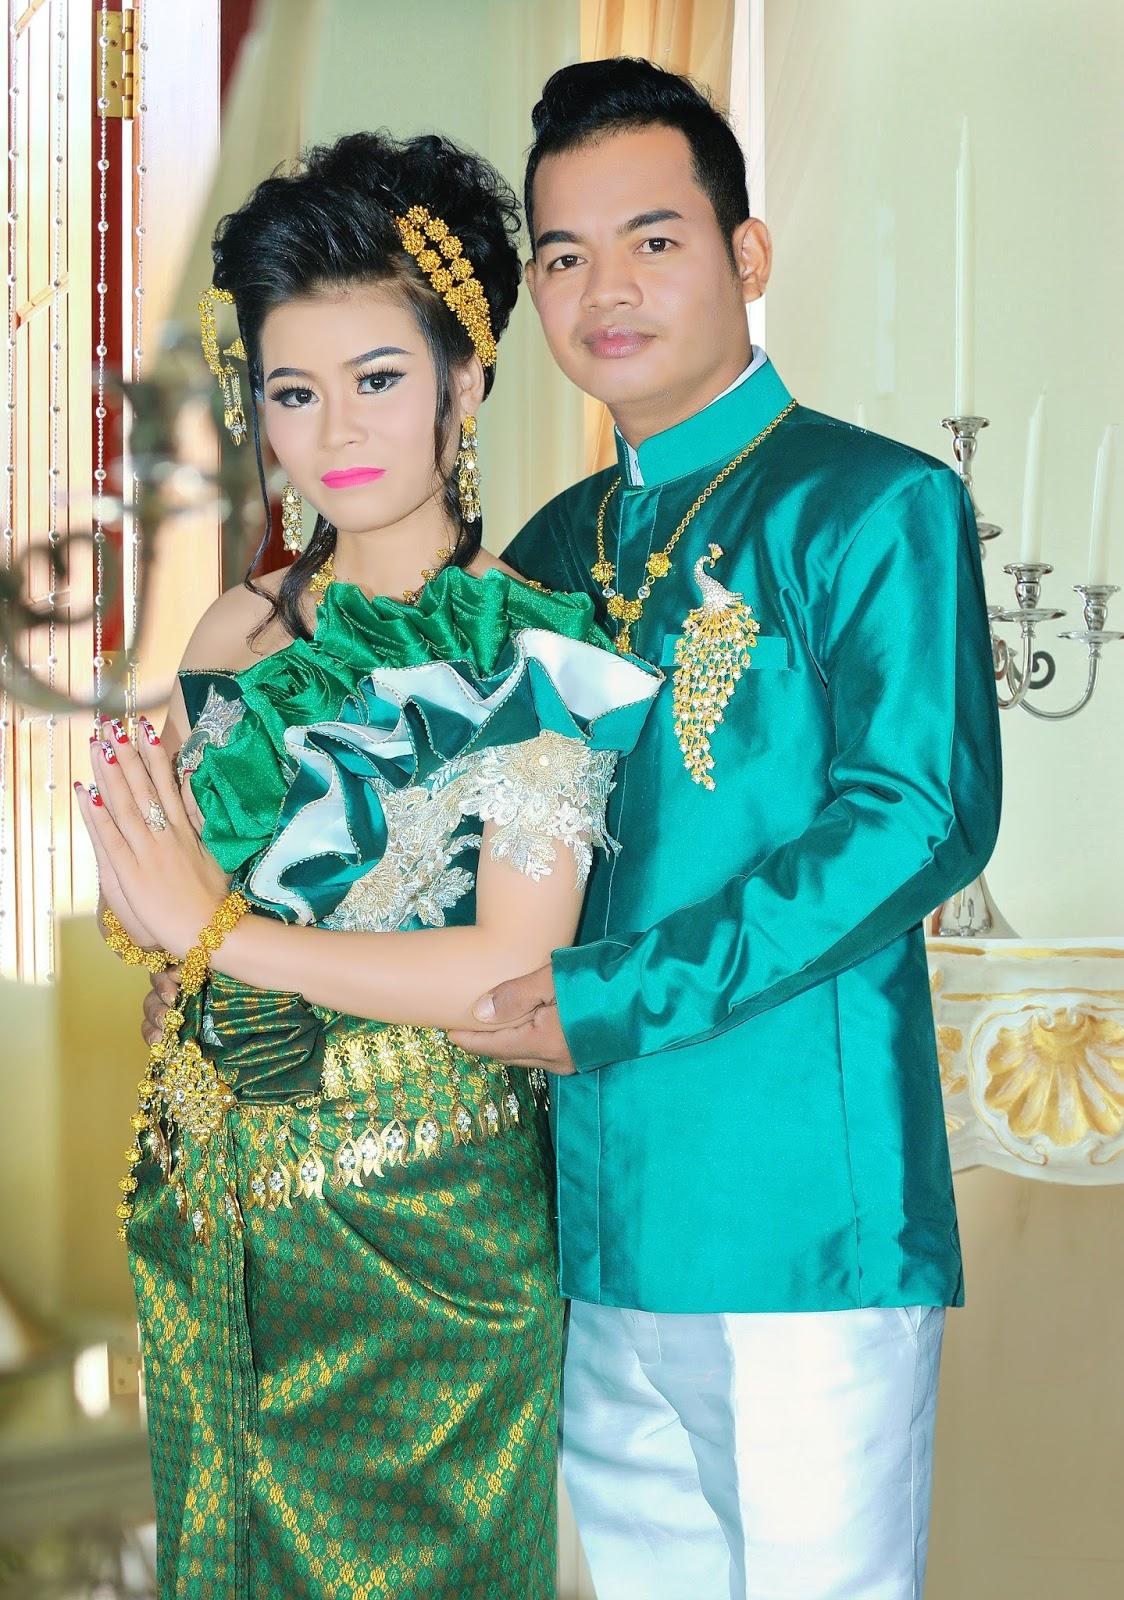 Beautiful Khmer Wedding Outfits - Bousra